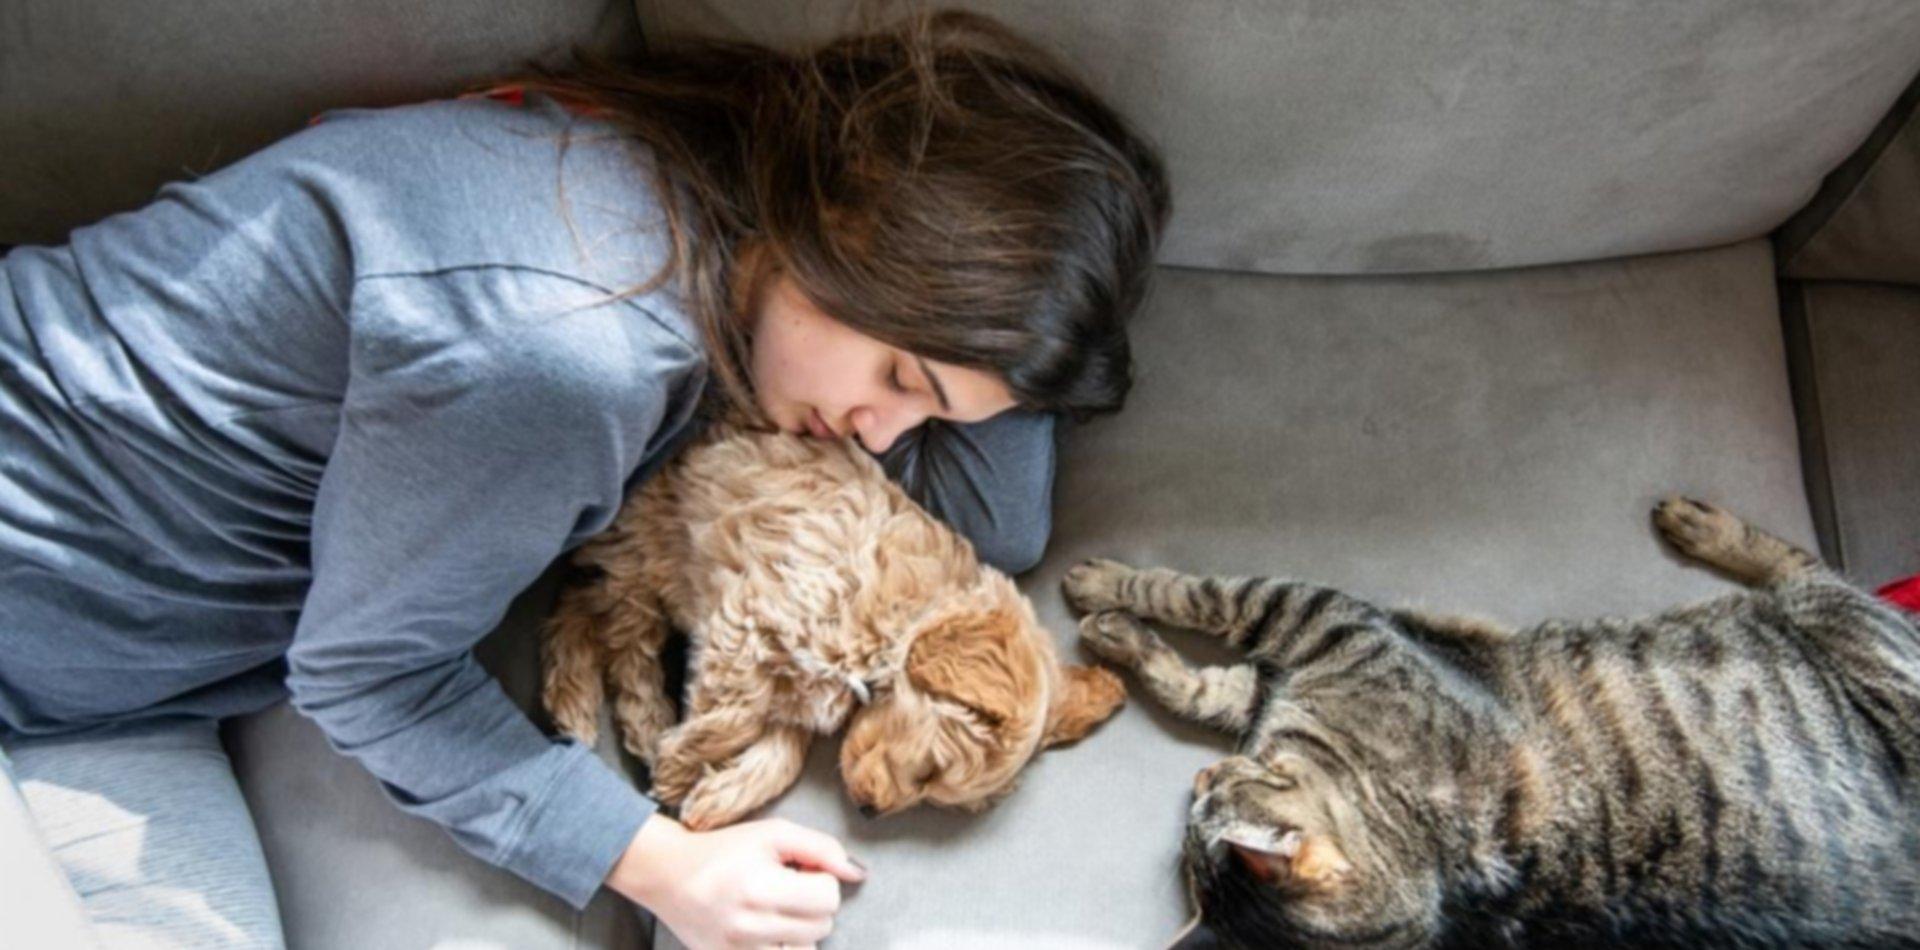 Aseguran que los animales pueden contraer COVID pero no lo transmiten a los humanos